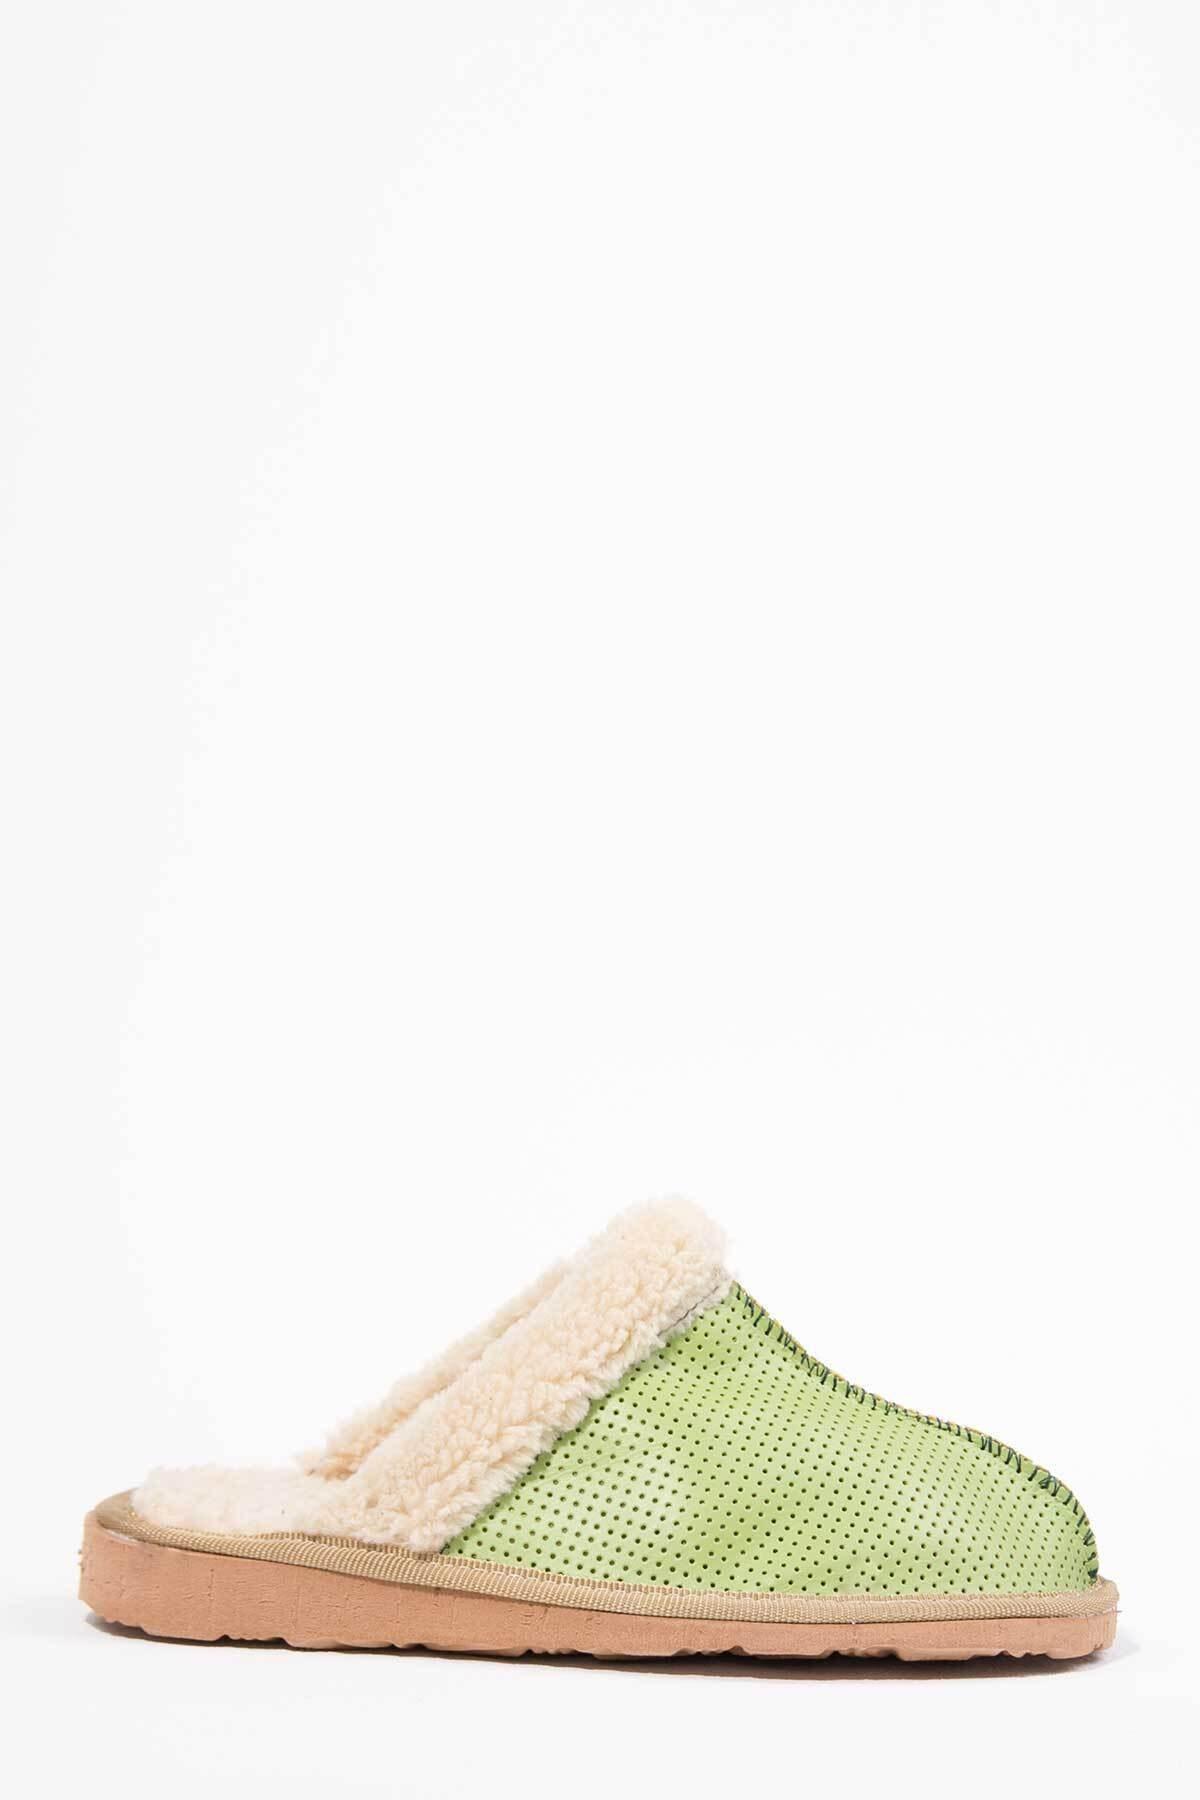 Oioi Kadın Yeşil Ev Terliği 1004-127-0001_1009 1